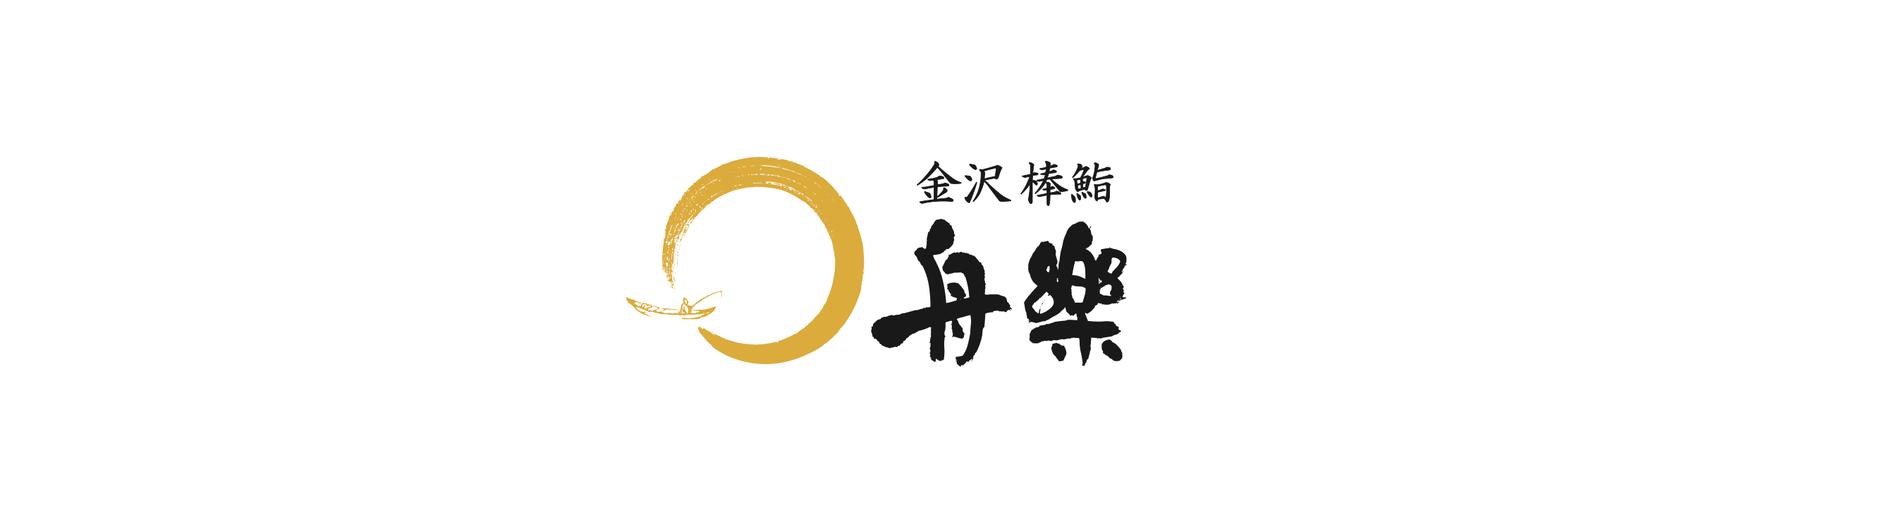 手押し棒鮨 舟楽オンラインショップ